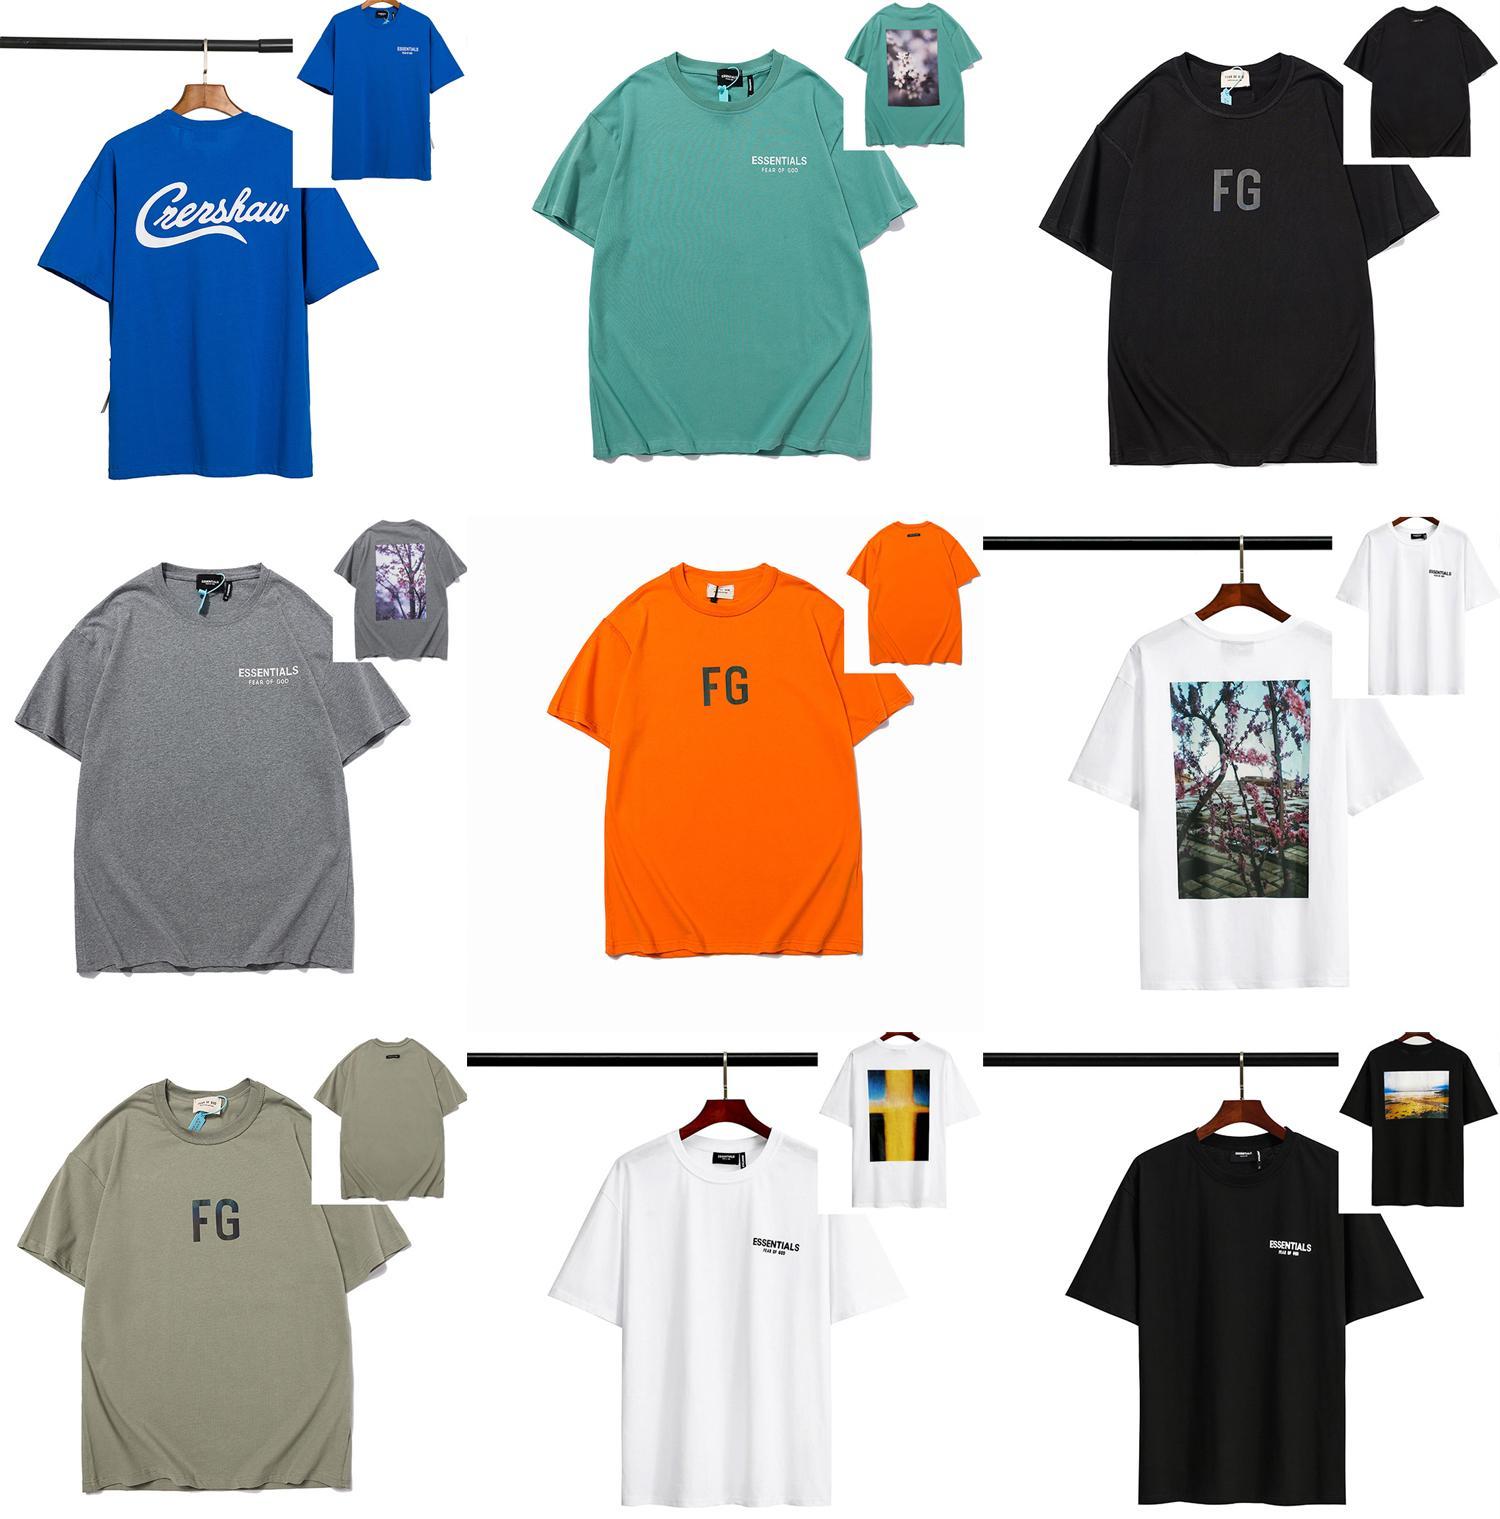 21ss Yüksek Qaulity Yaz Erkek Tasarımcılar Tees T Shirt Fg Essentials Moda Rahat Çiftler Kısa Kollu Tee Rahat Erkekler Kadın T-Shirt